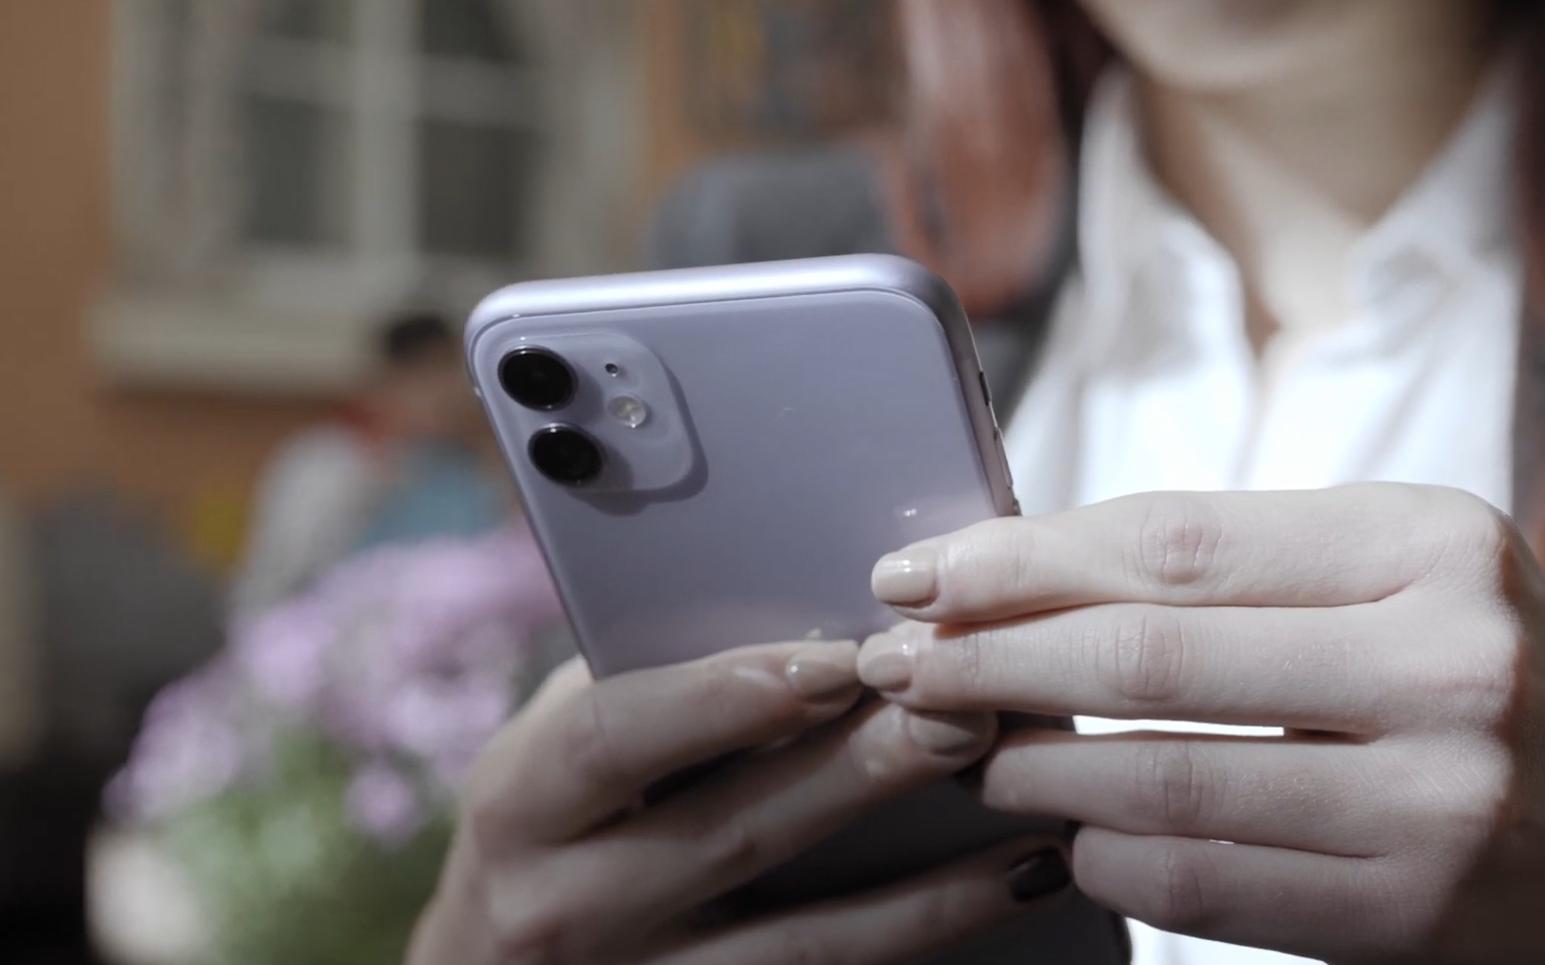 Представяме ви iPhone 11 - най-достъпният от новата серия смартфони на Apple. В случая обаче достъпен не значи семпъл - iPhone 11 идва с6-ядрен процесор Apple A13 Bionic, подобрени камери, солидна батерия и както винаги - уникален дизайн.